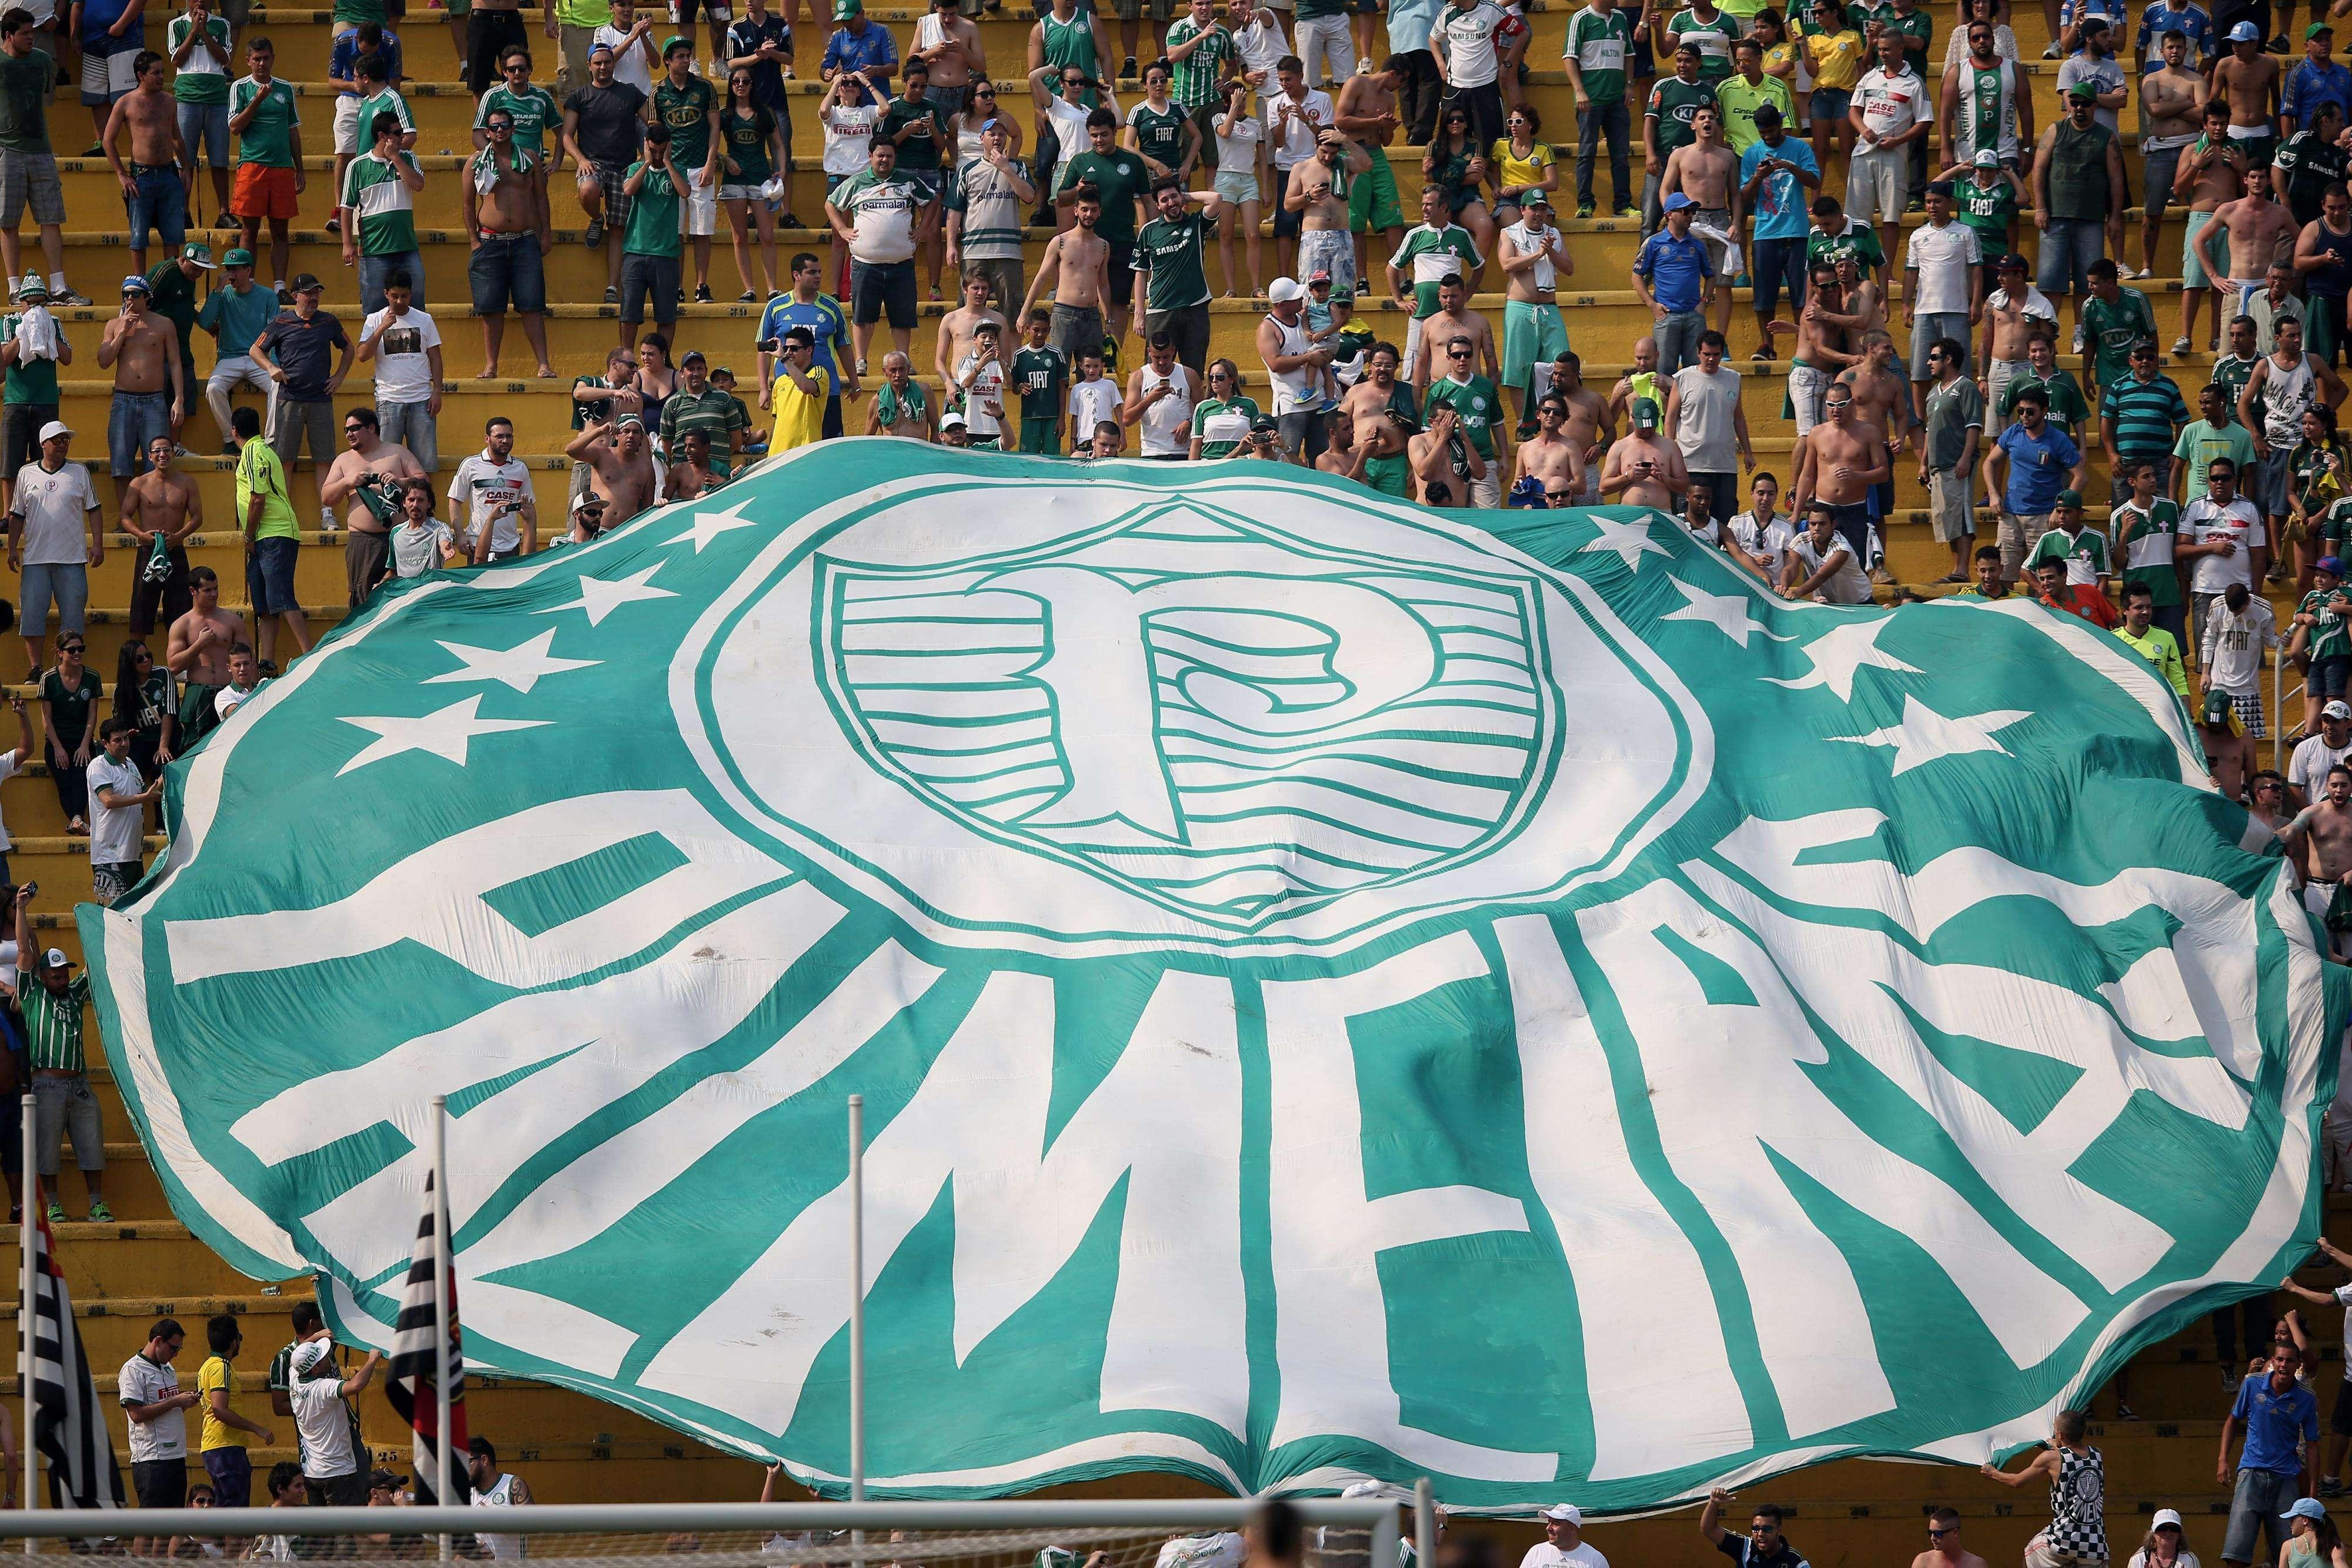 Torcida do Palmeiras voltará a ser maioria contra o Corinthians após dois anos Foto: Friedemann Vogel/Getty Images